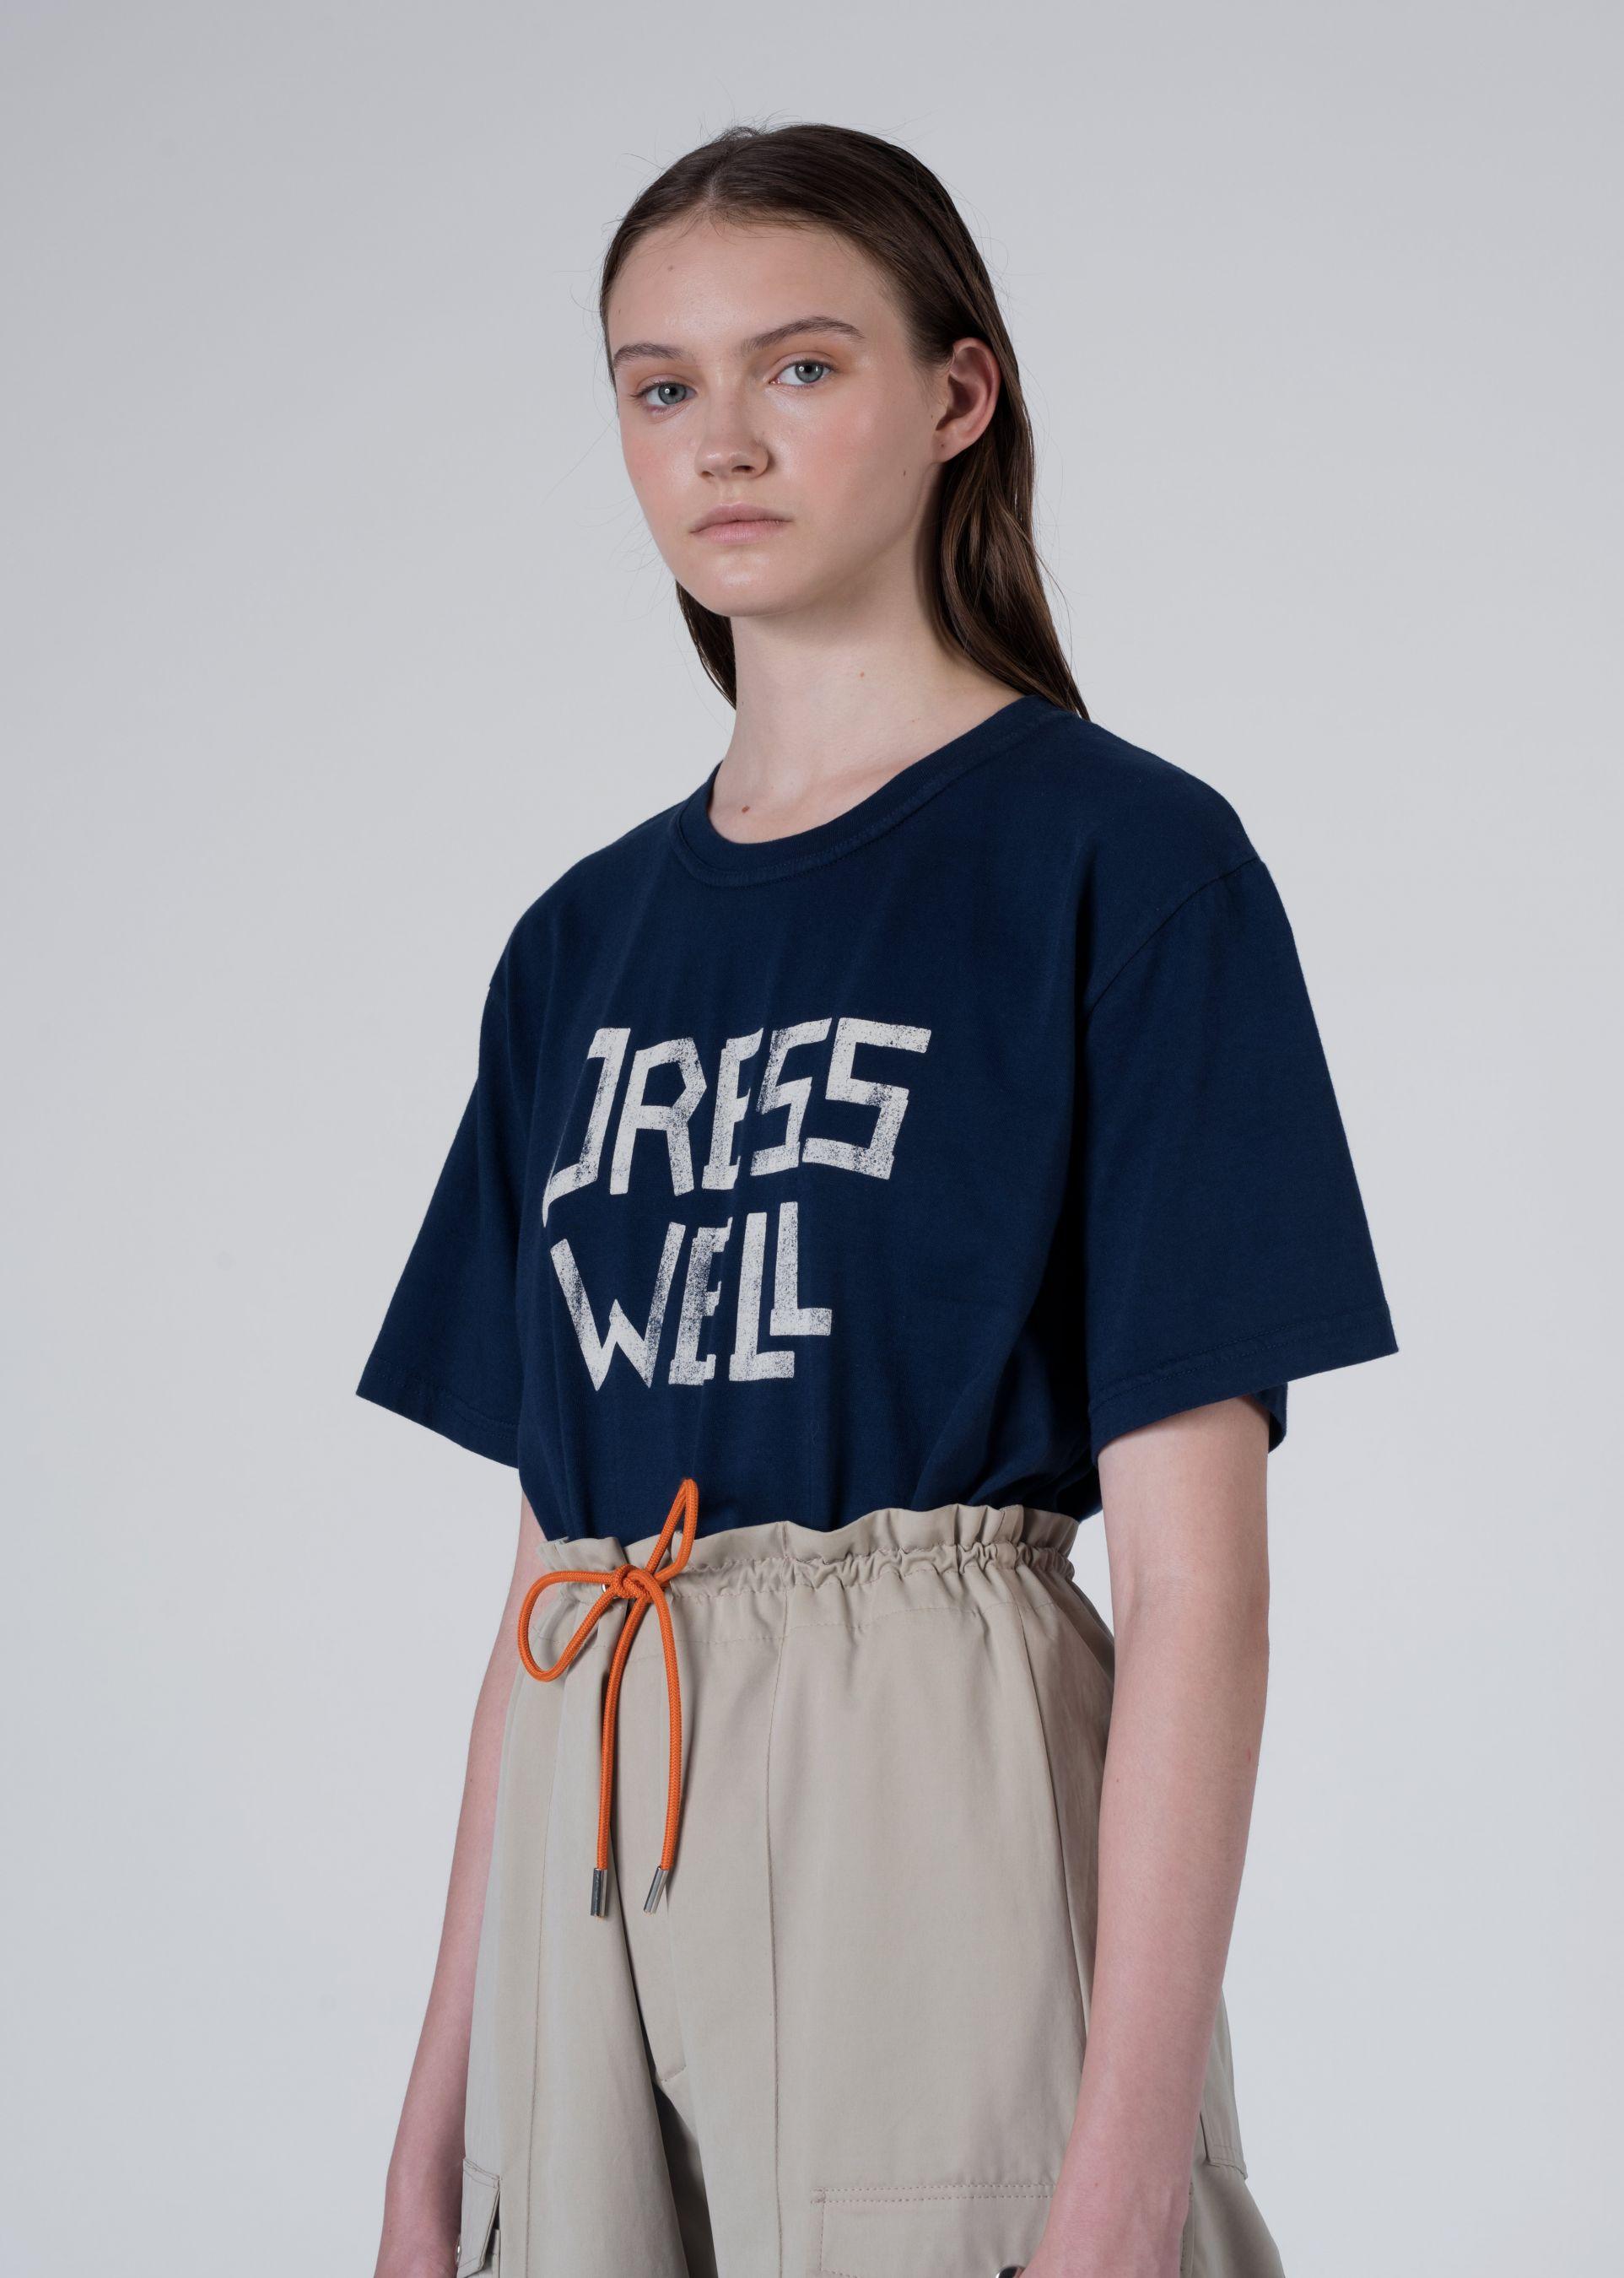 DRESS WELL TEE